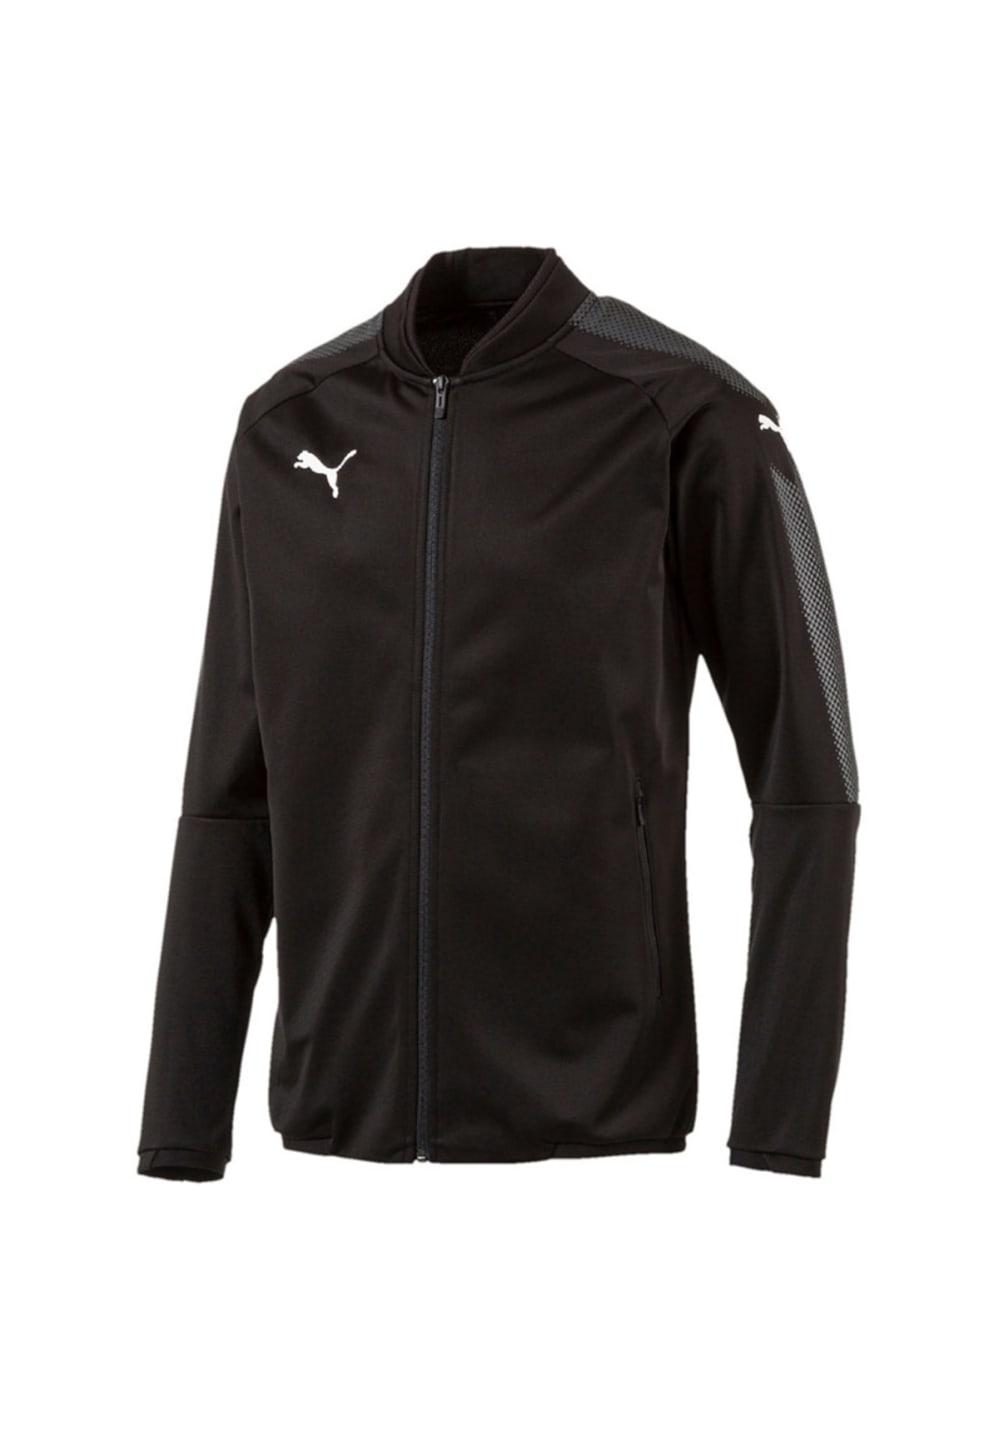 Puma Ascension Stadium Jacket - Laufjacken für Herren - Schwarz, Gr. XL